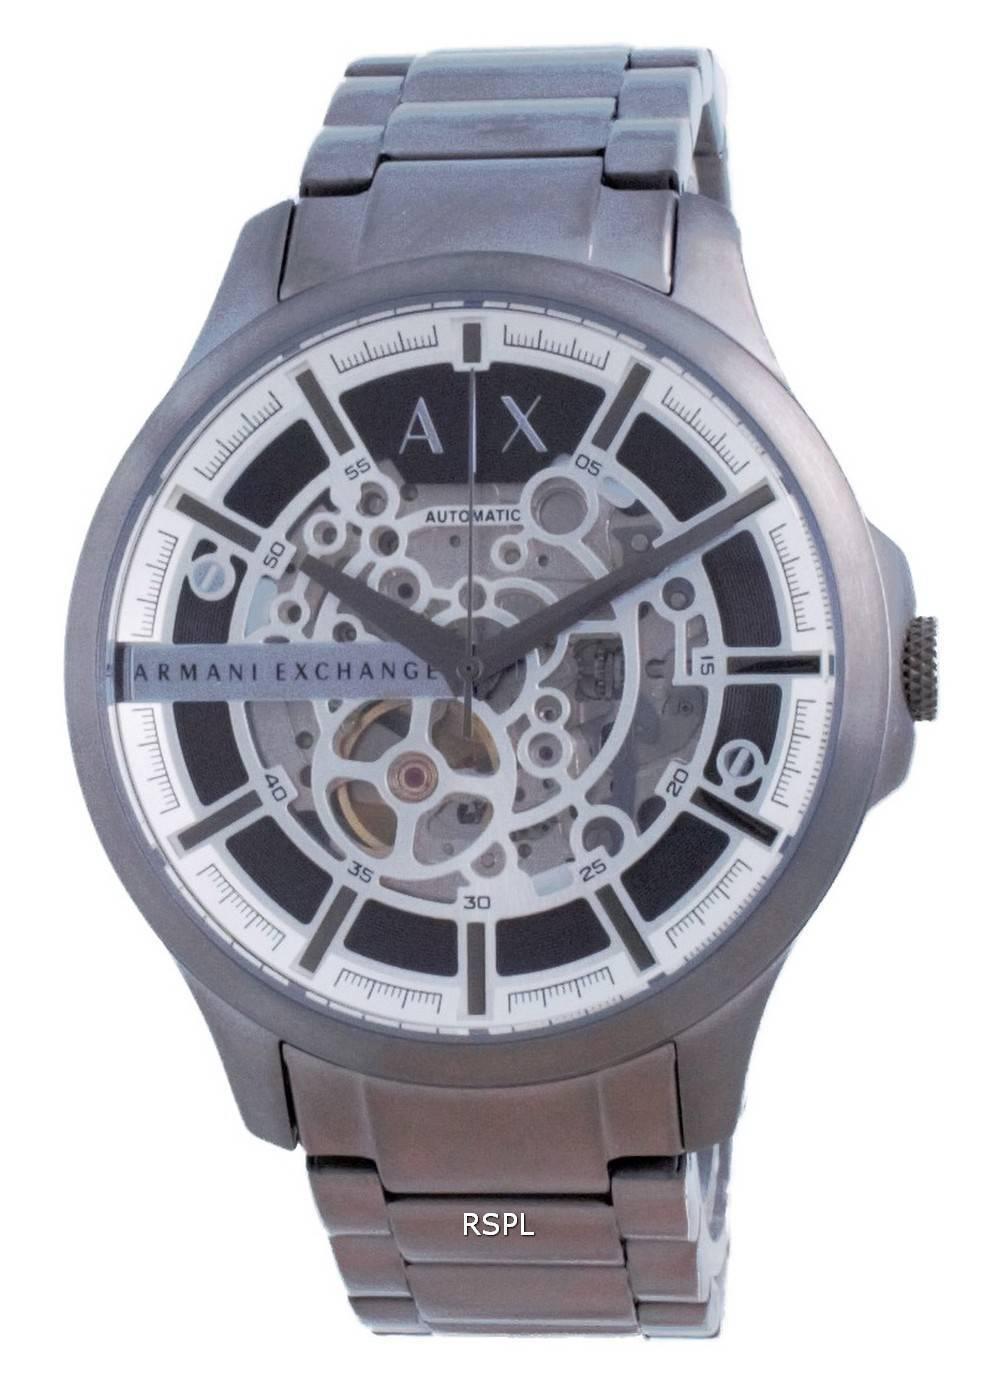 Armani Exchange Hampton luuranko ruostumaton teräs automaattinen AX2417 miesten kello